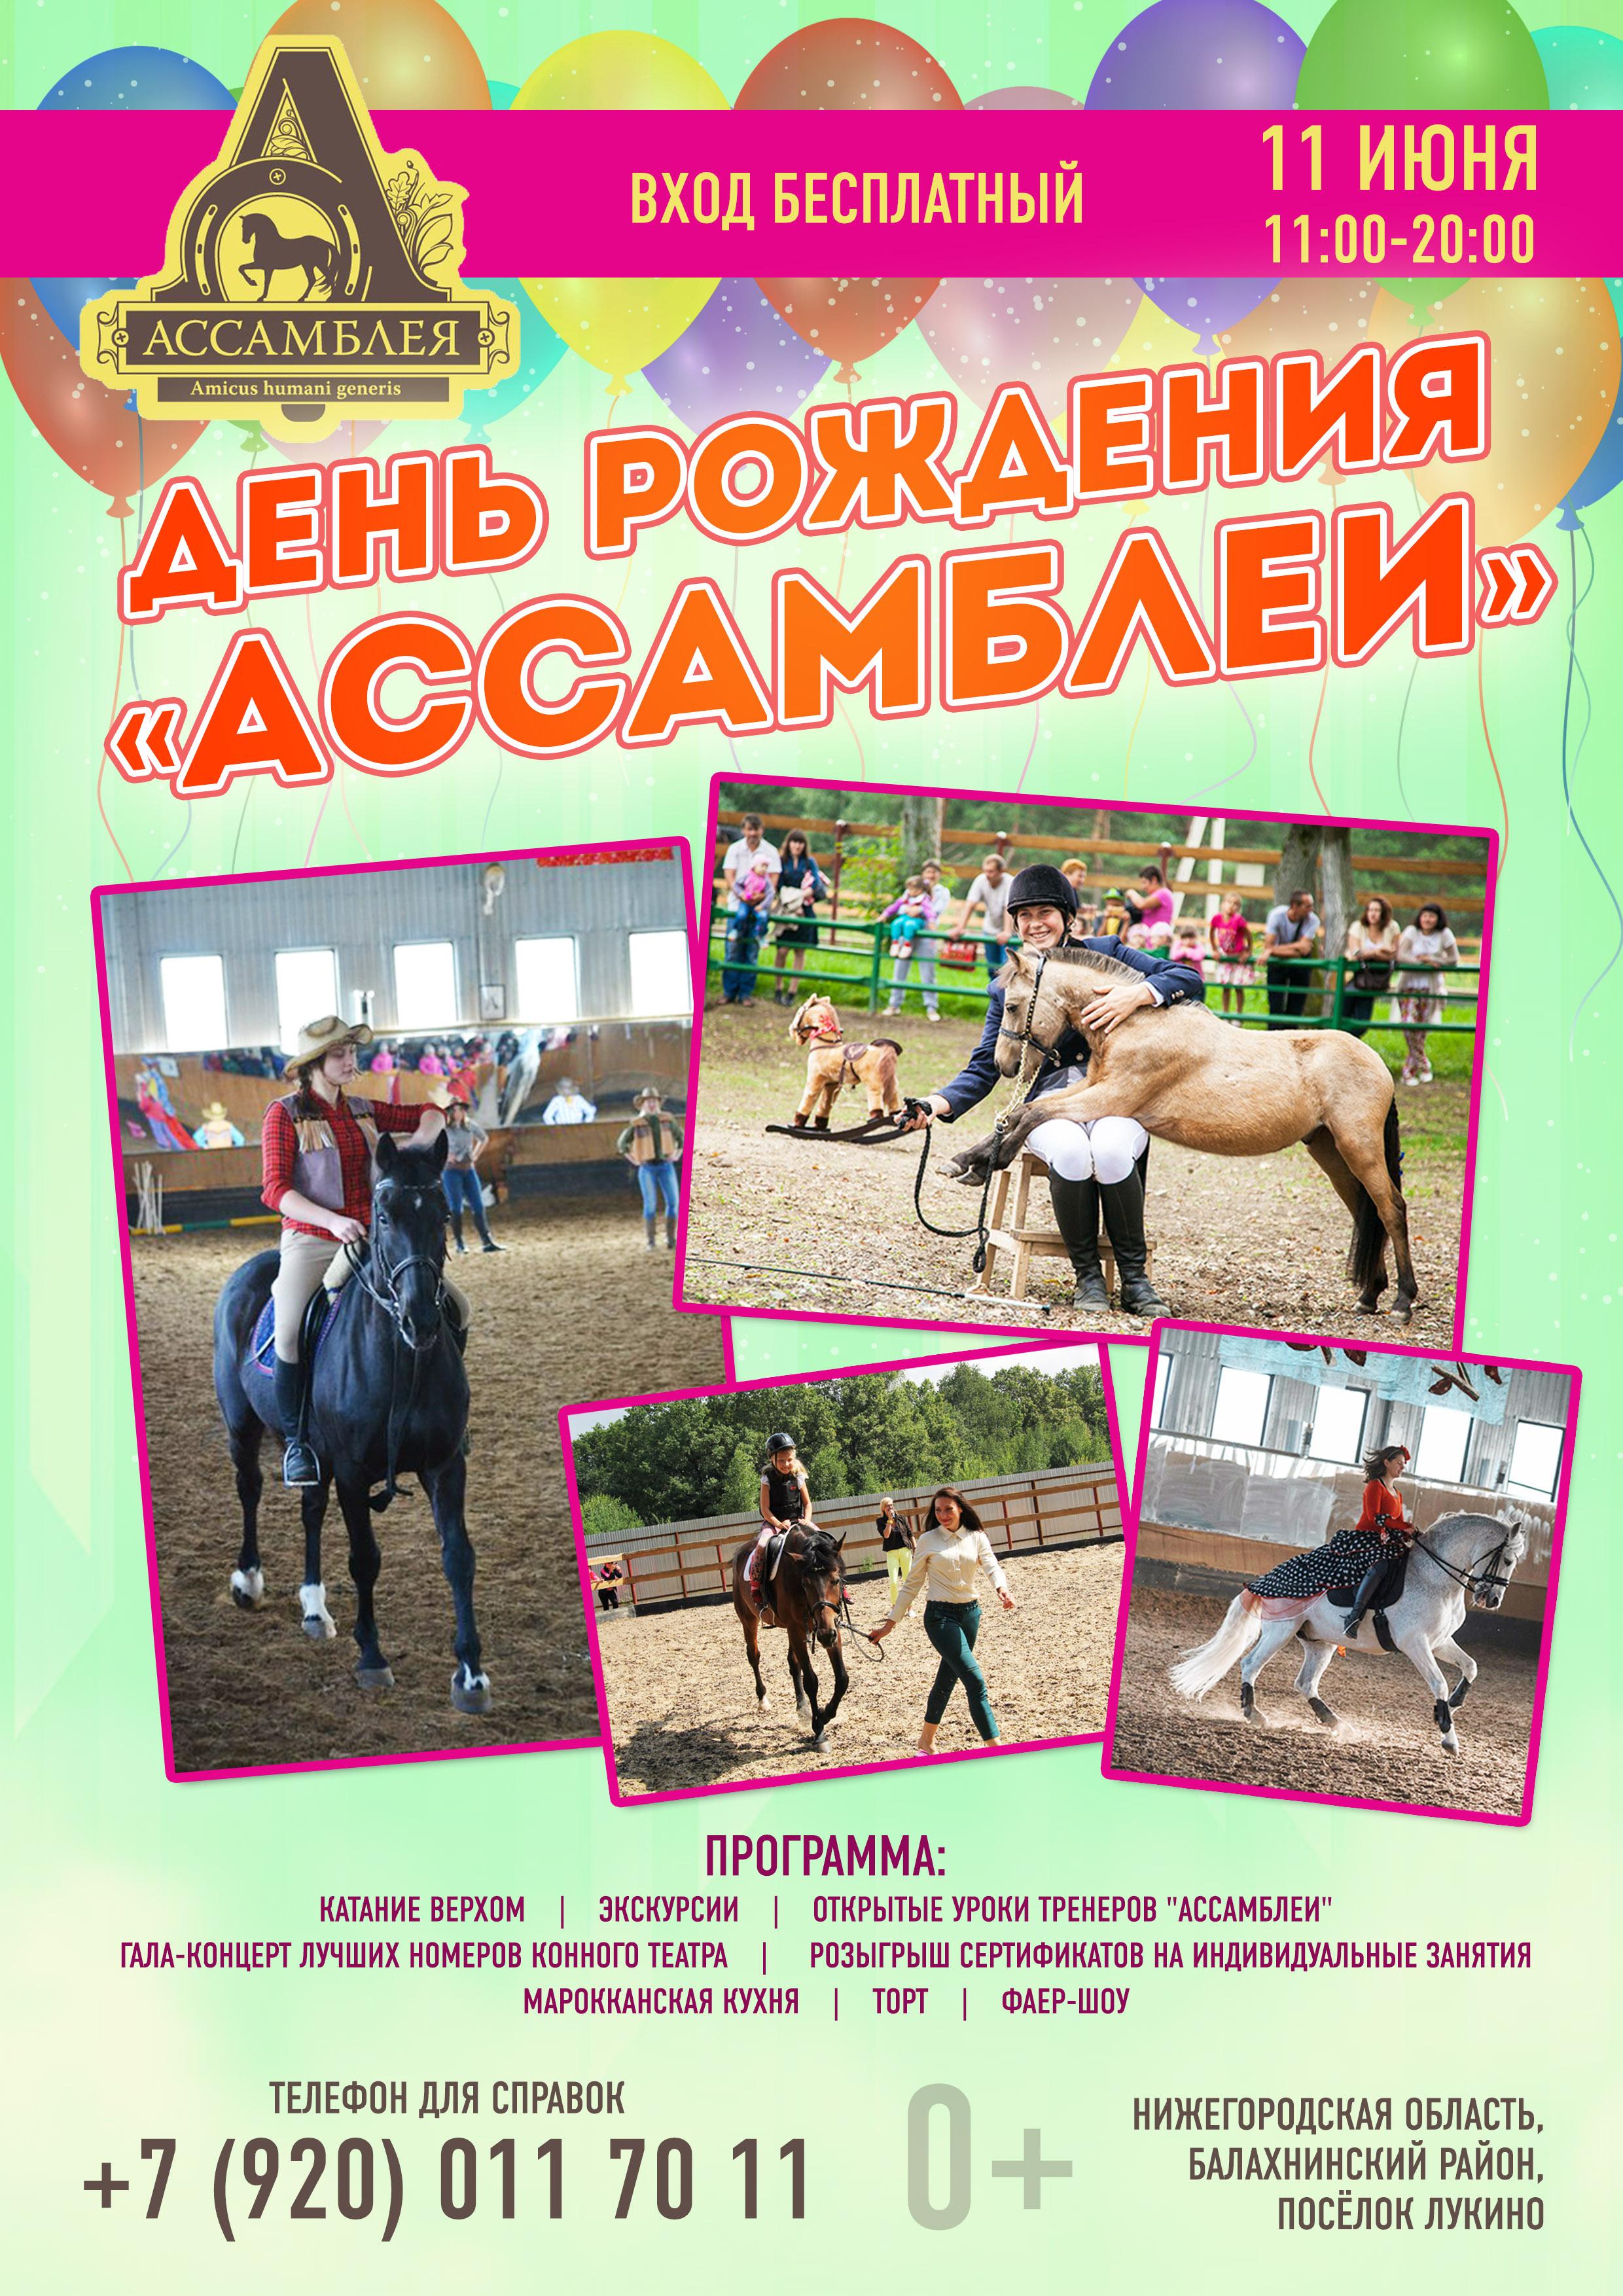 Ассамблее - 3 года! 11 июня наш конный эко-клуб превратится в огромную развлекательную площадку